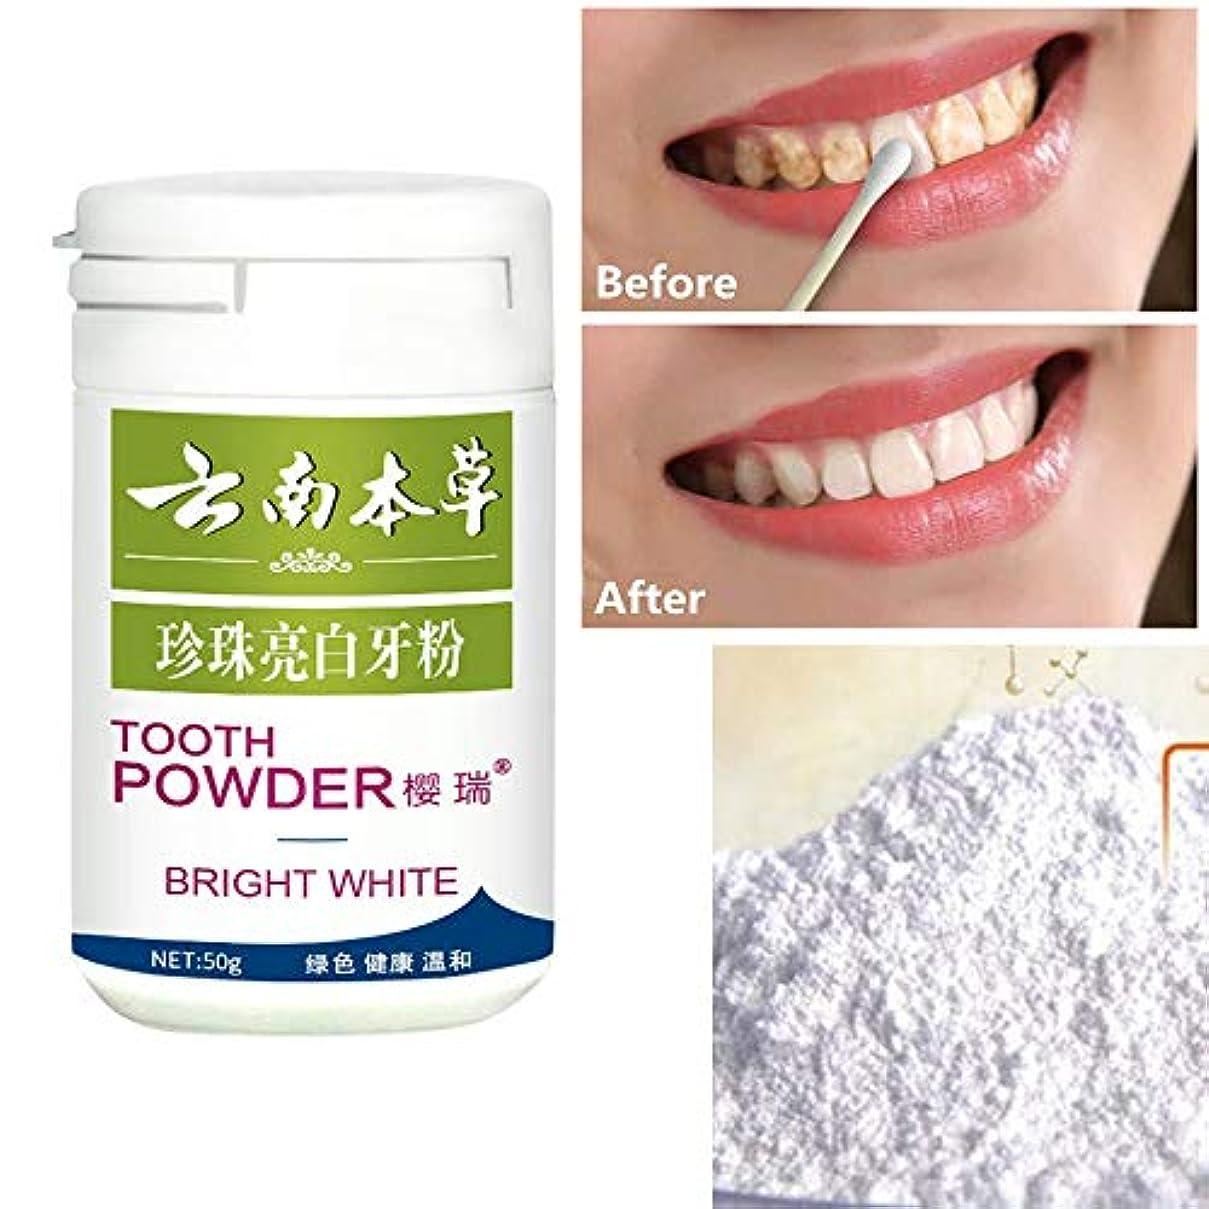 酸化物憂鬱アカデミック50gホワイトニング歯のケア口臭を除去するプラーク歯磨き粉粉末をきれいにする歯の歯石の歯石除去の汚れ